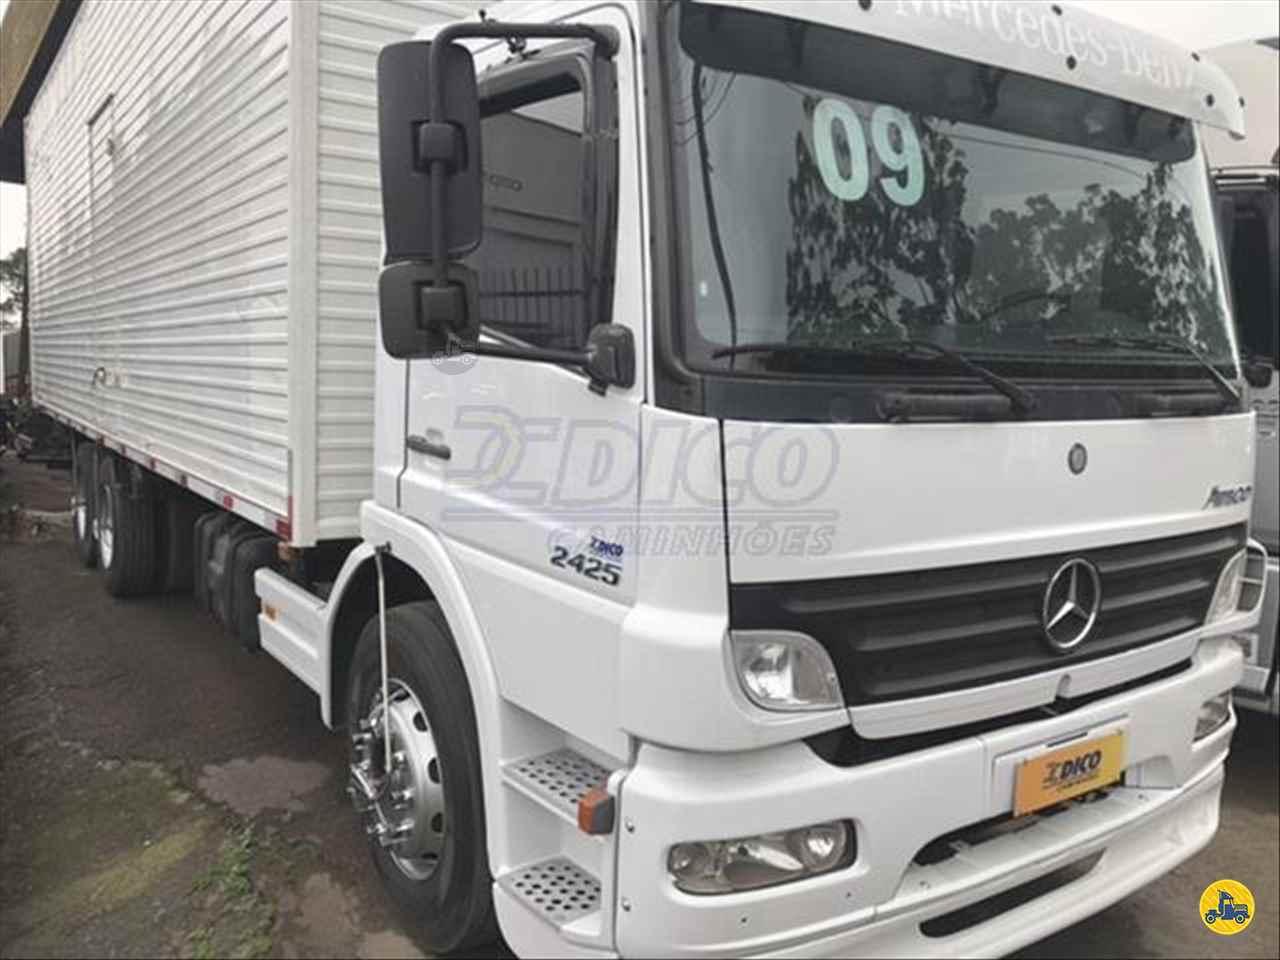 CAMINHAO MERCEDES-BENZ MB 2425 Baú Furgão Truck 6x2 Dico Caminhões RIO DO SUL SANTA CATARINA SC